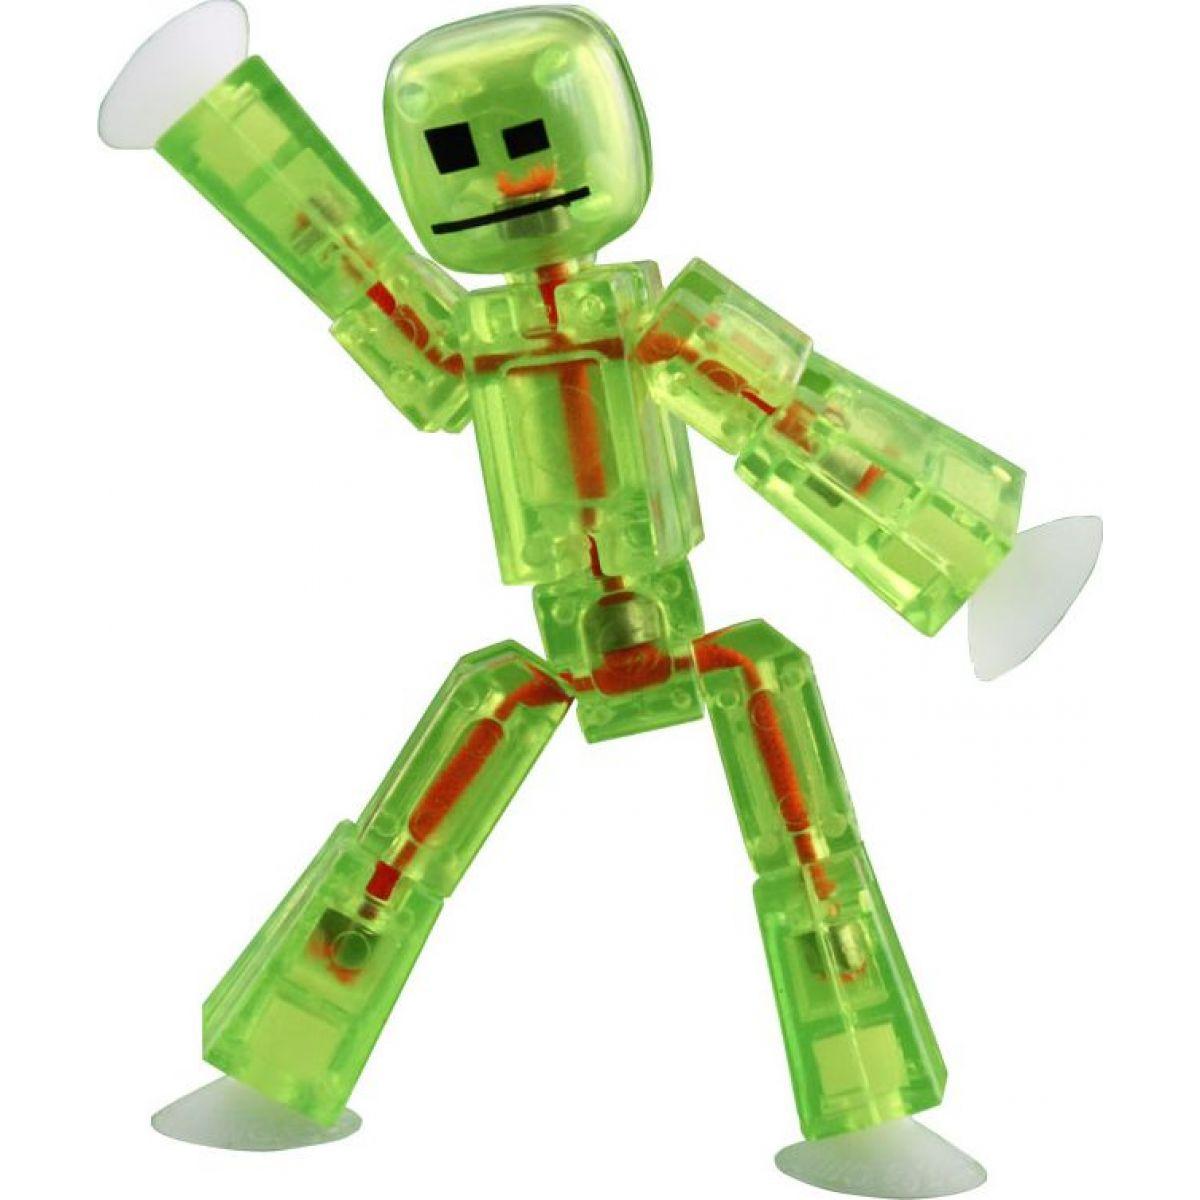 EP Line Stikbot Animák figurka - Sv. zelená transparentní